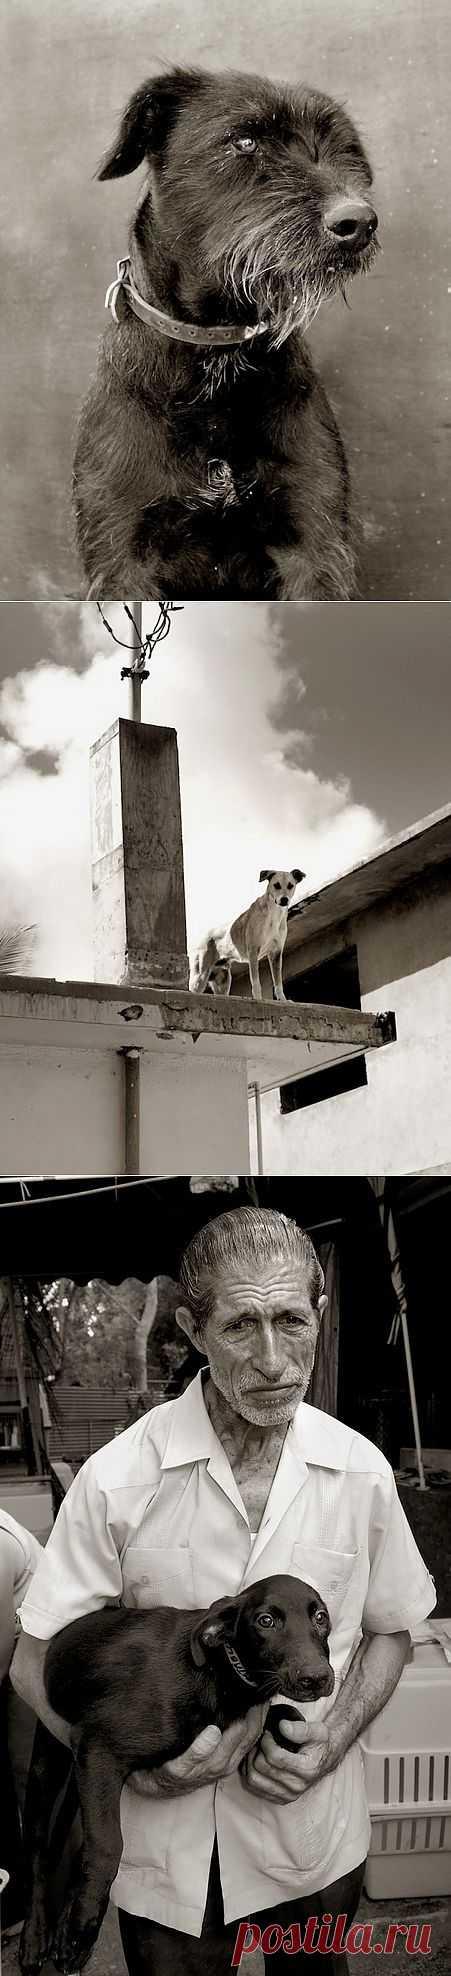 Траер Скотт (Traer Scott) с фотографиями бездомных собак из Мексики.